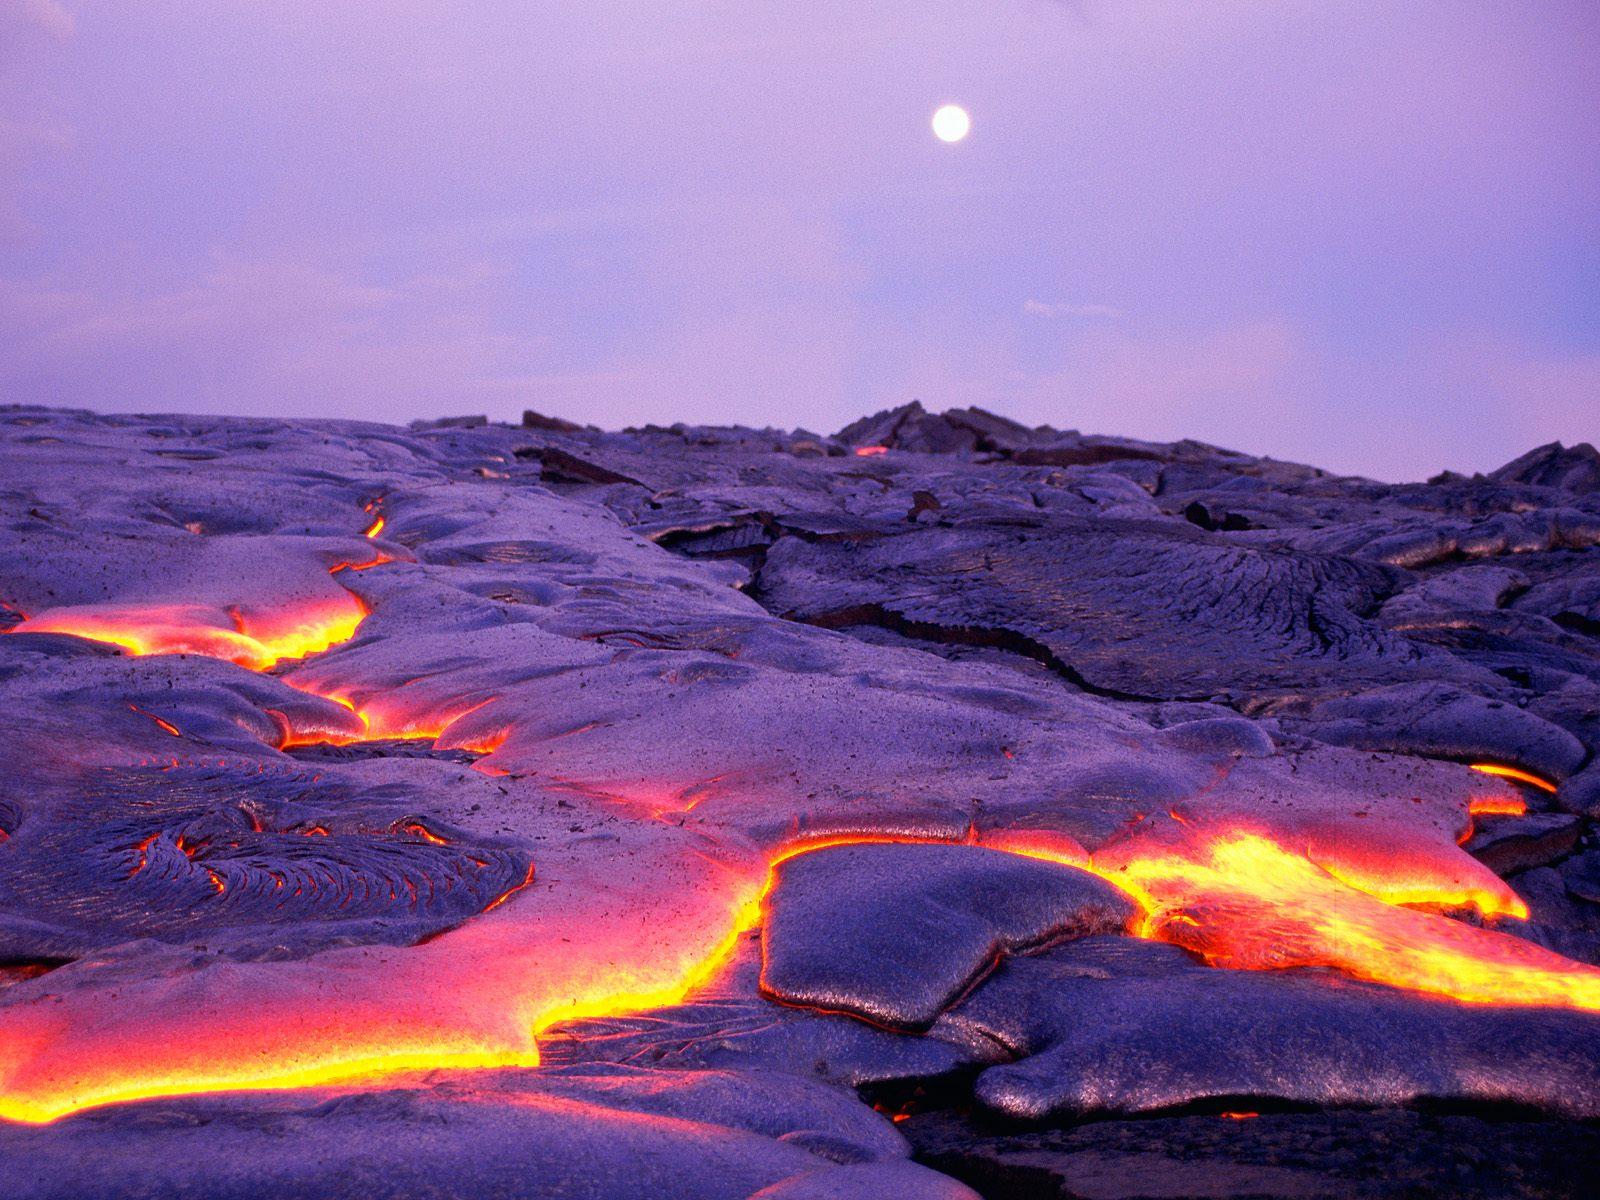 Hawaii Haleakala volcano